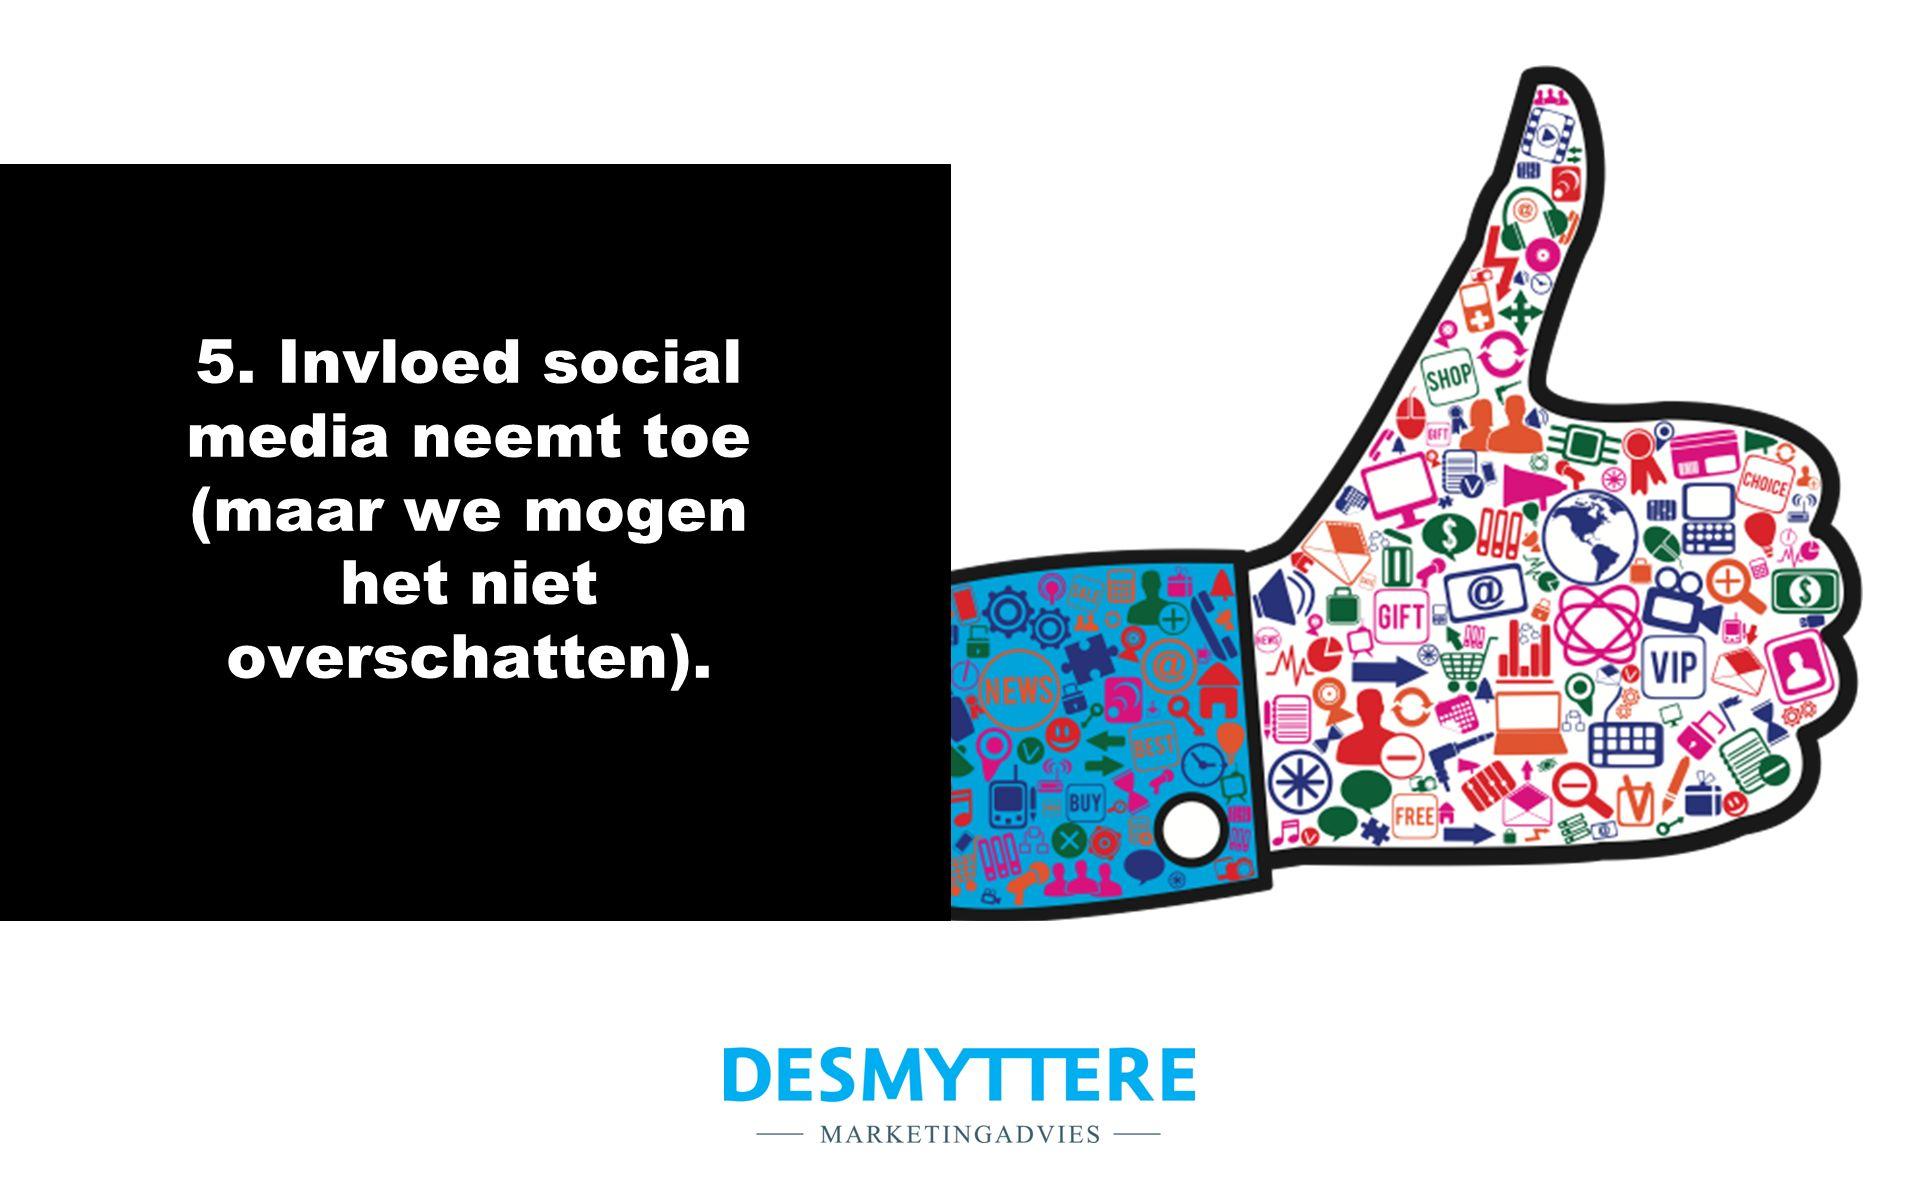 5. Invloed social media neemt toe (maar we mogen het niet overschatten).